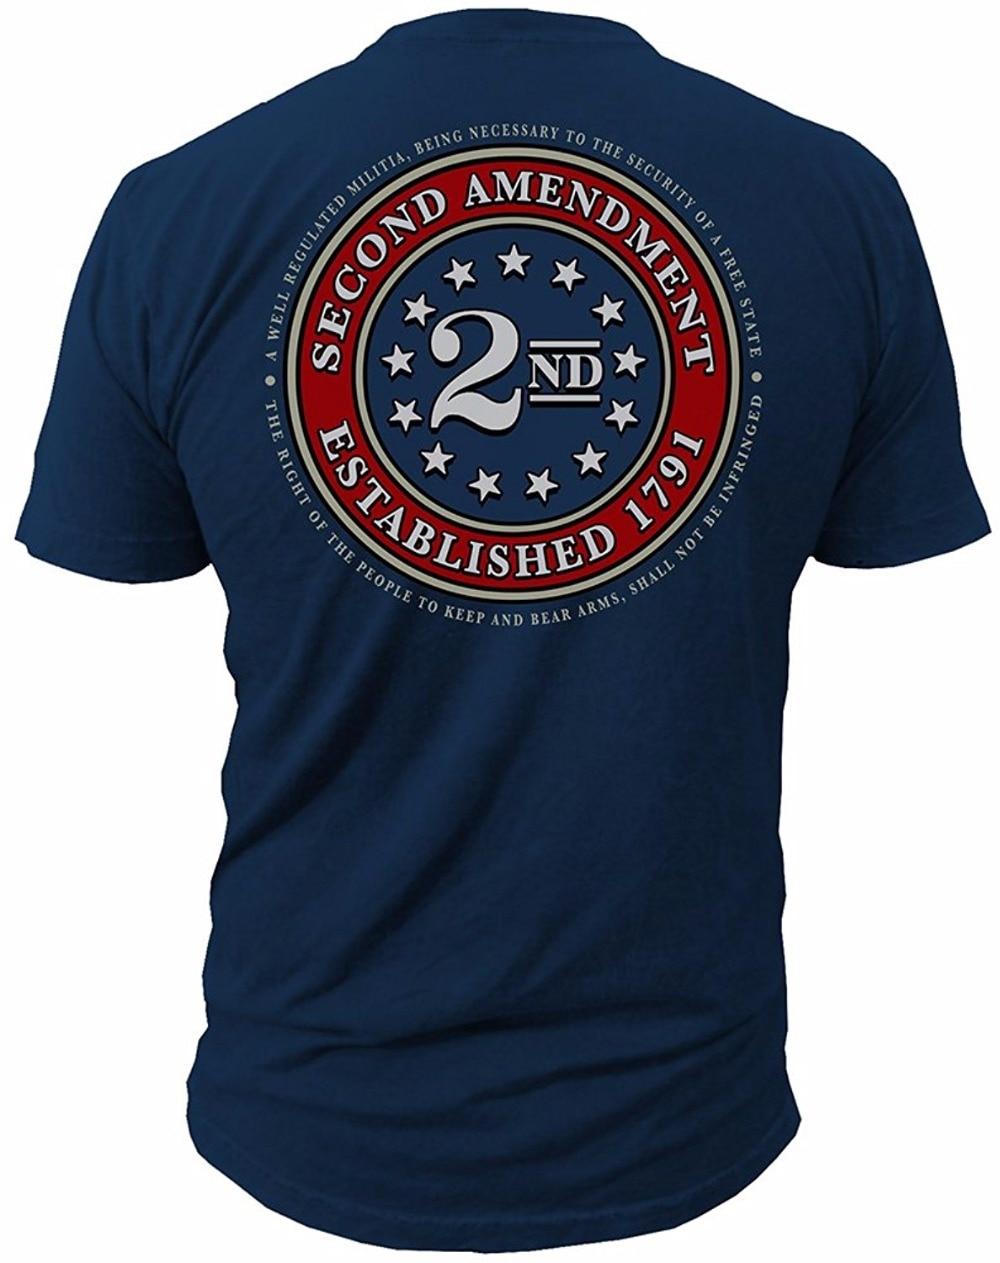 2018 Nouveau Tee Hommes T-shirt Vente Chaude Vêtements 2ème Amendement Marque joint de 1791 Vintag Drapeau Américain Deuxième 2A Fait des ETATS-UNIS T chemise